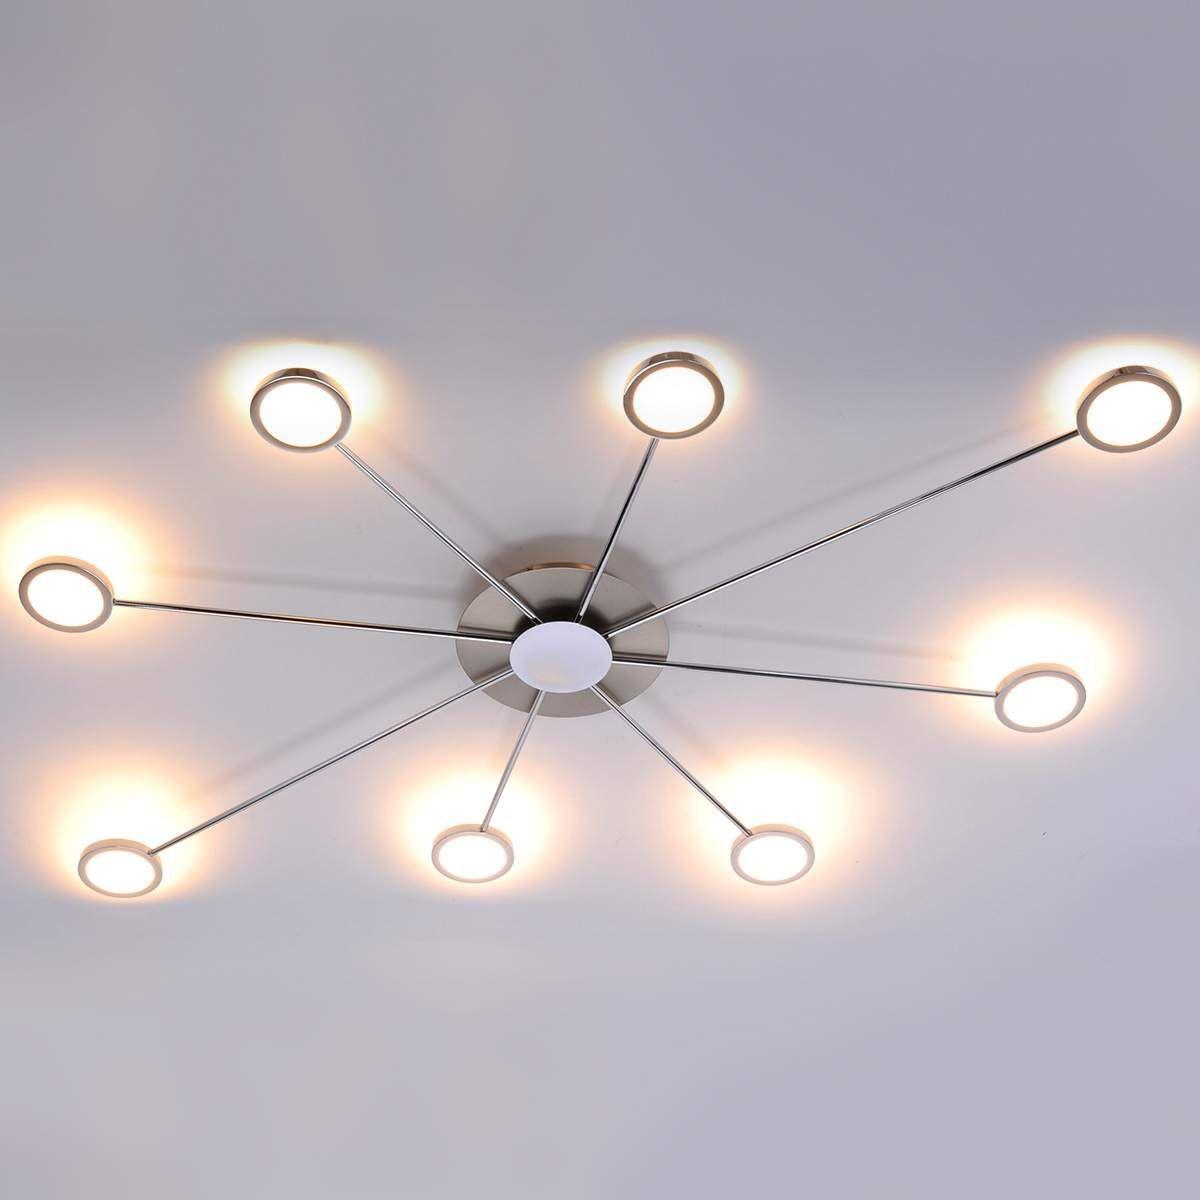 Goede Achtflammige LED-Deckenleuchte Adela von Paul Neuhaus (mit Bildern KN-99